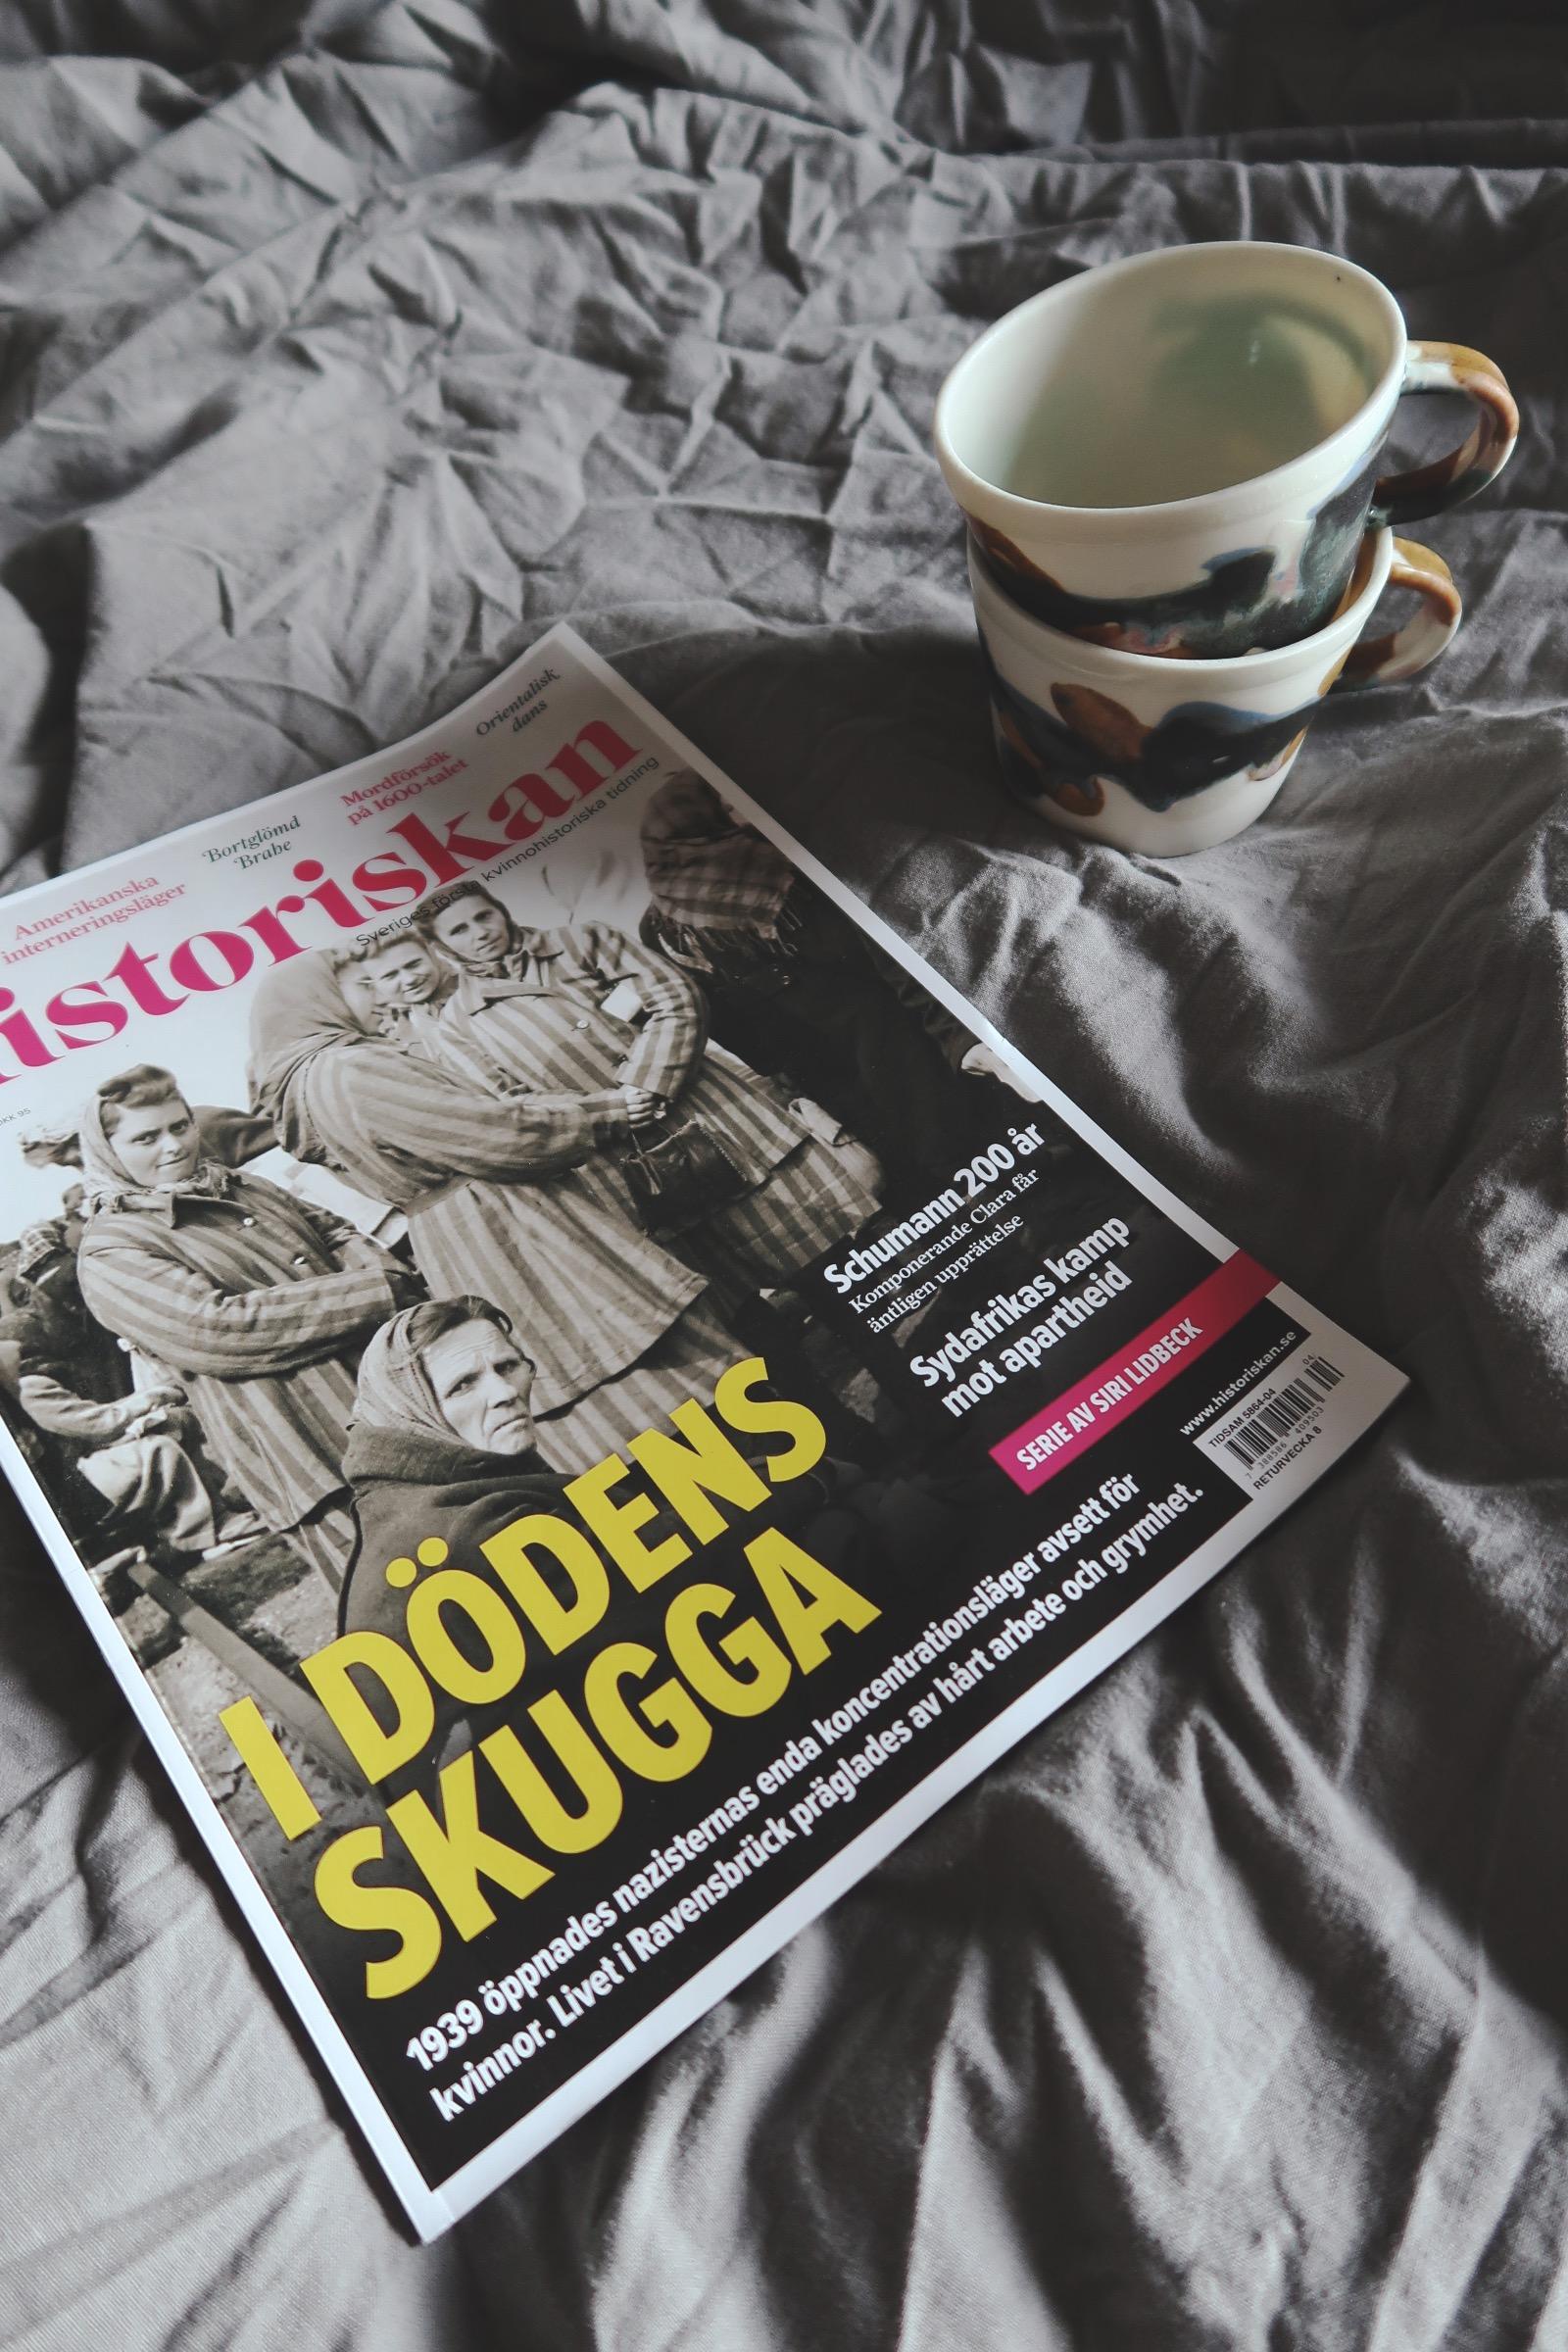 Historiskan och Eklund Keramik - Två fantastiska småföretagare